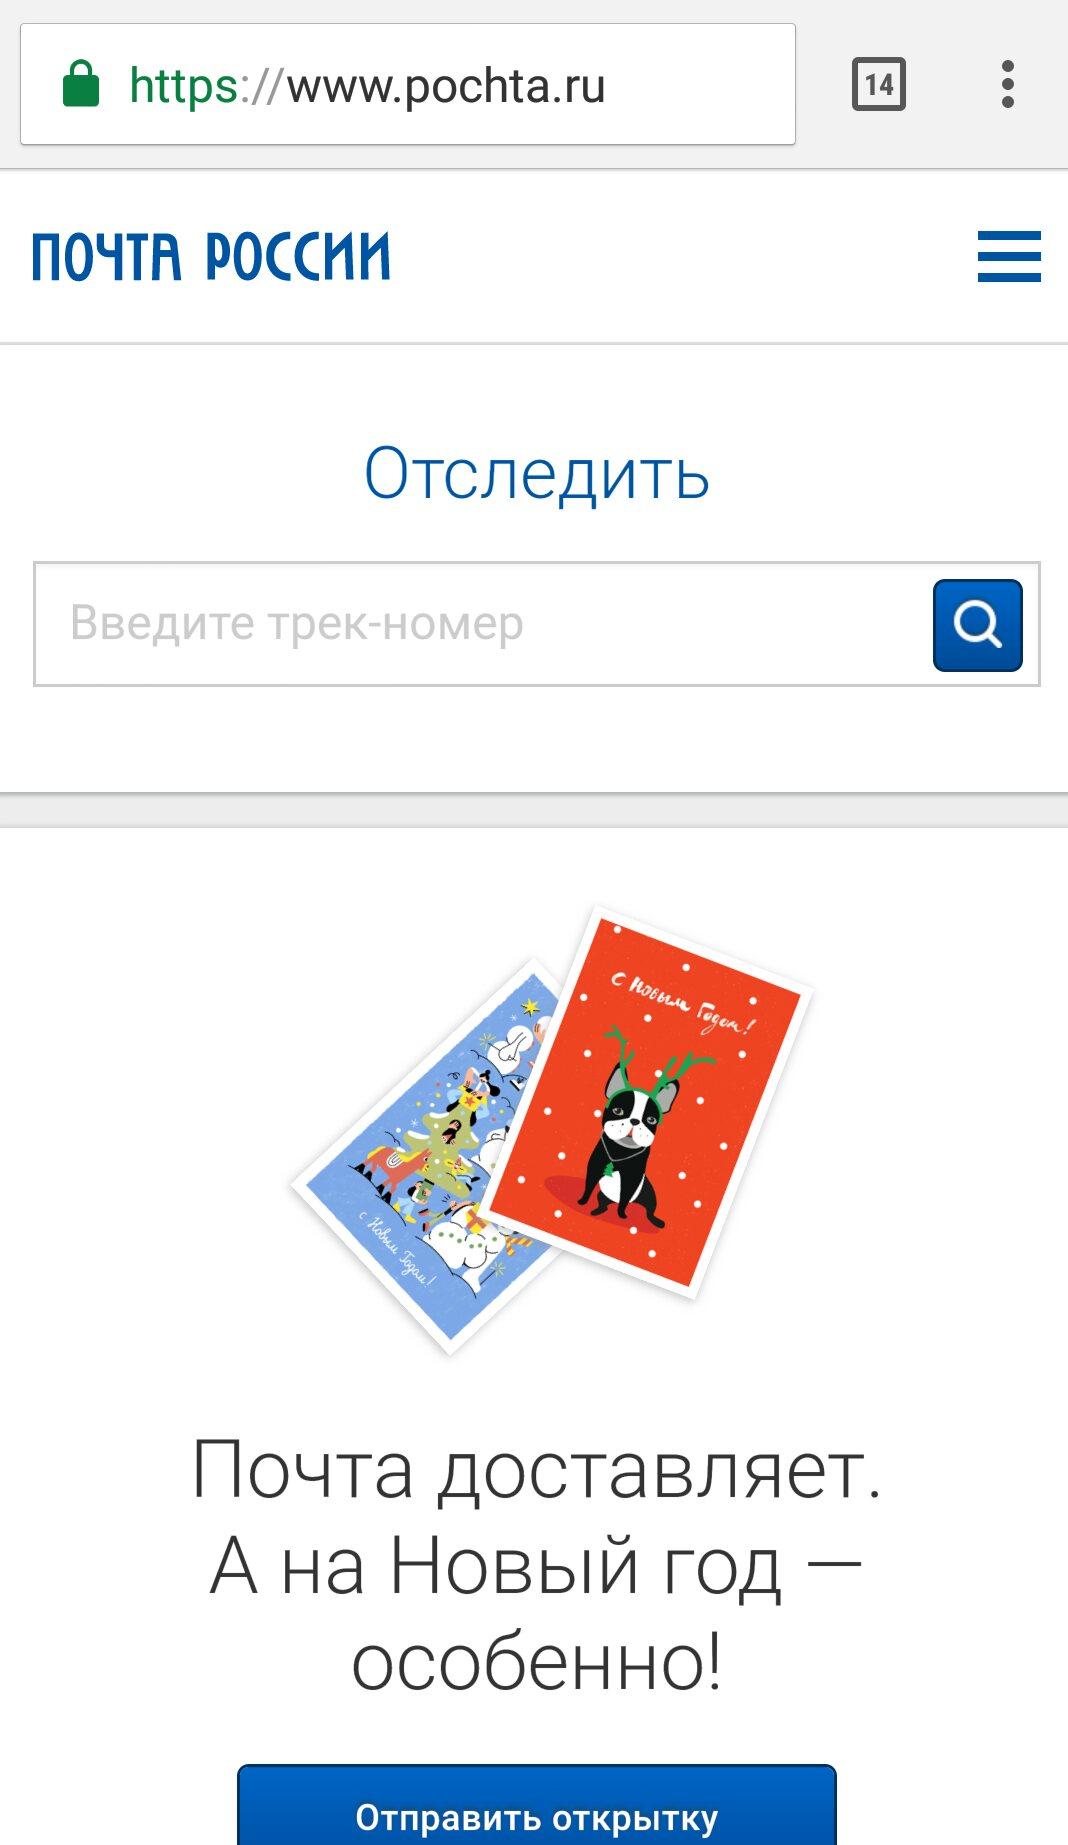 для почта россии отслеживание открытки заботы воспитании